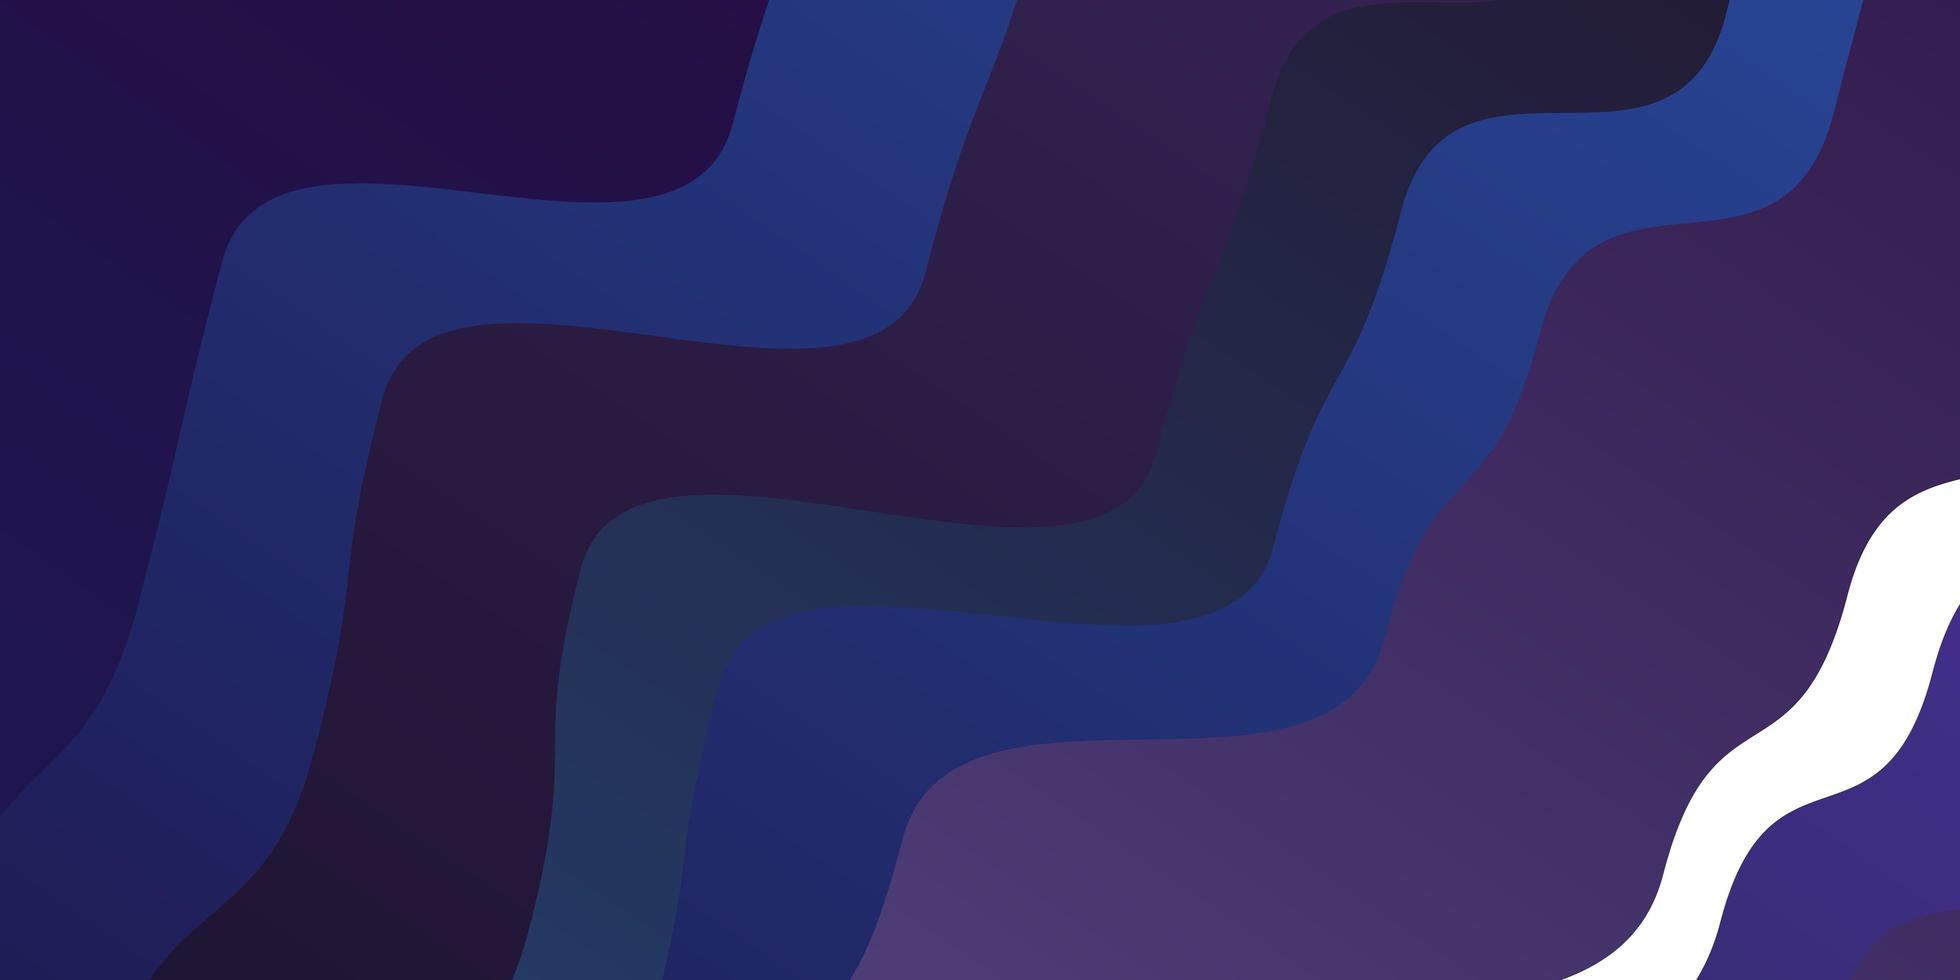 modelo de vetor roxo escuro com curvas.